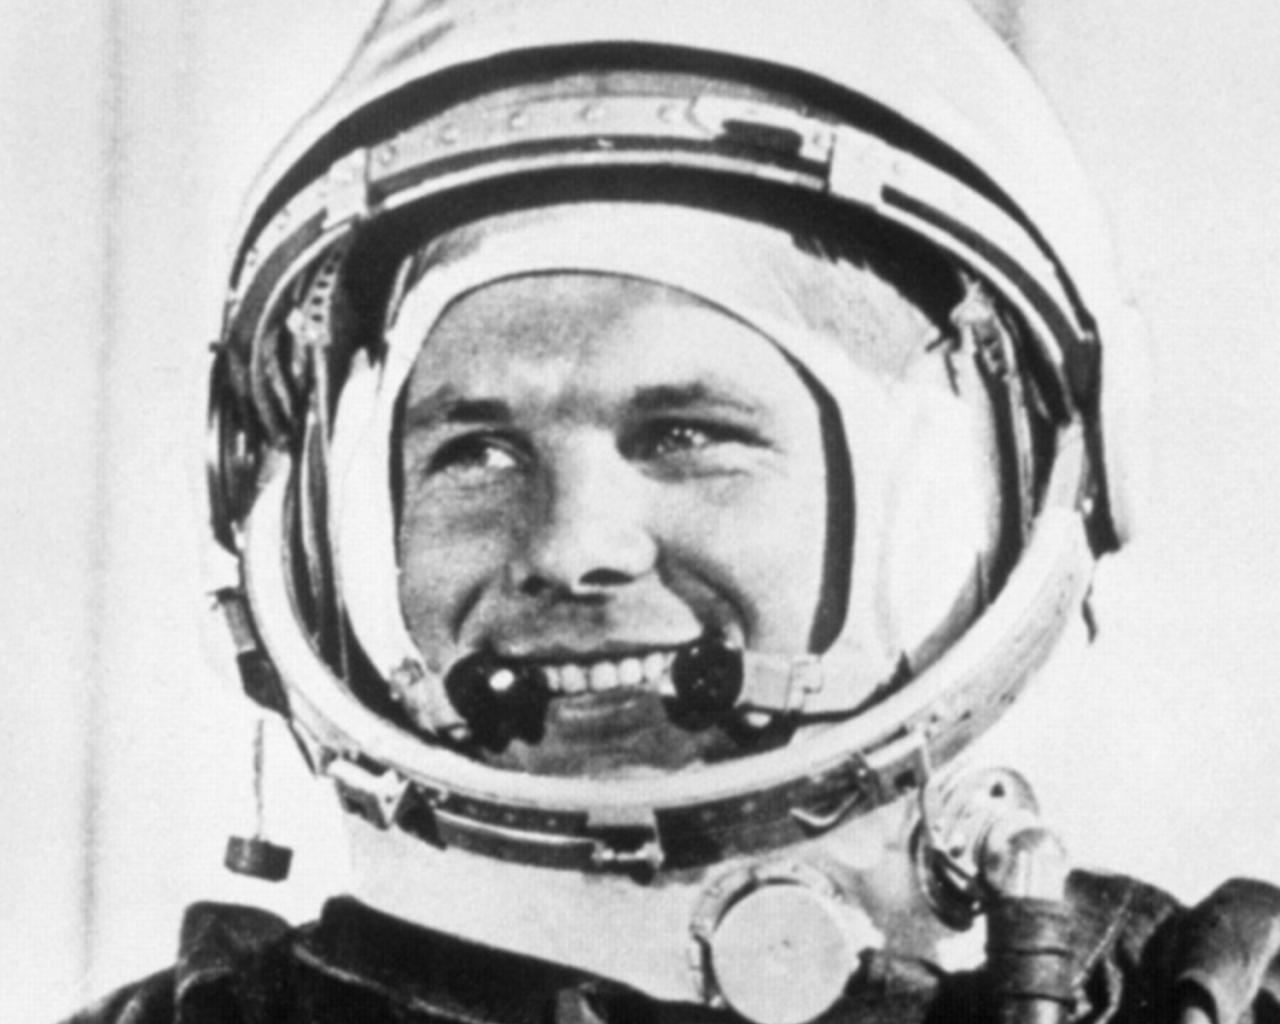 Космонавт ссср великие люди 1280x1024